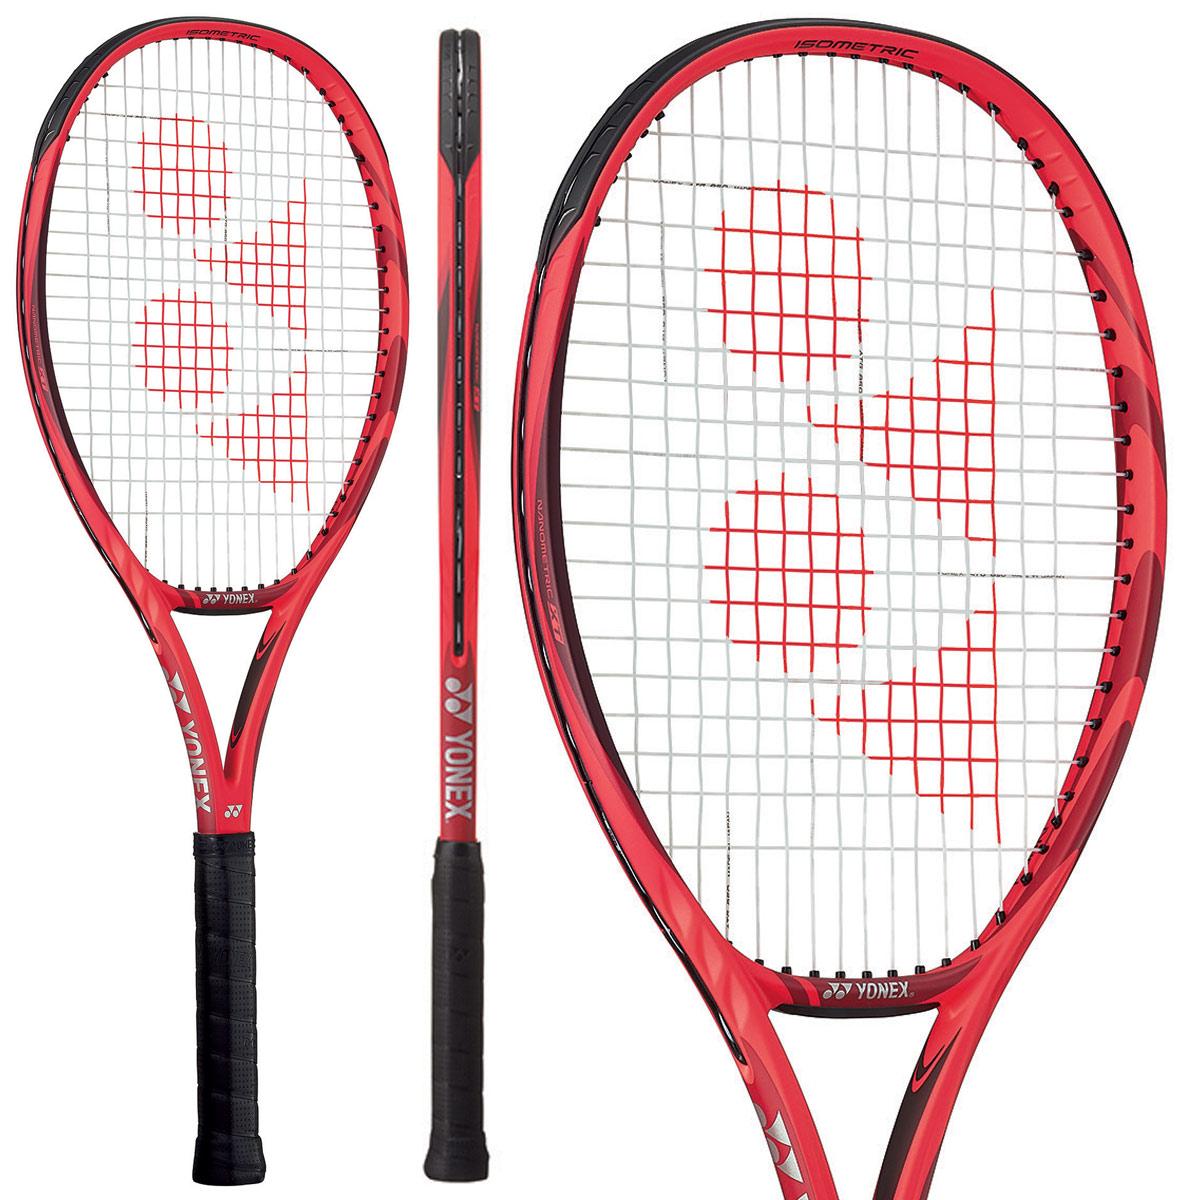 ★5倍ポイント☆4/9 20:00 ~ 4/16 1:59★ヨネックス YONEX テニス硬式テニスラケット VCORE 100 Vコア 100 18VC100 vc18100